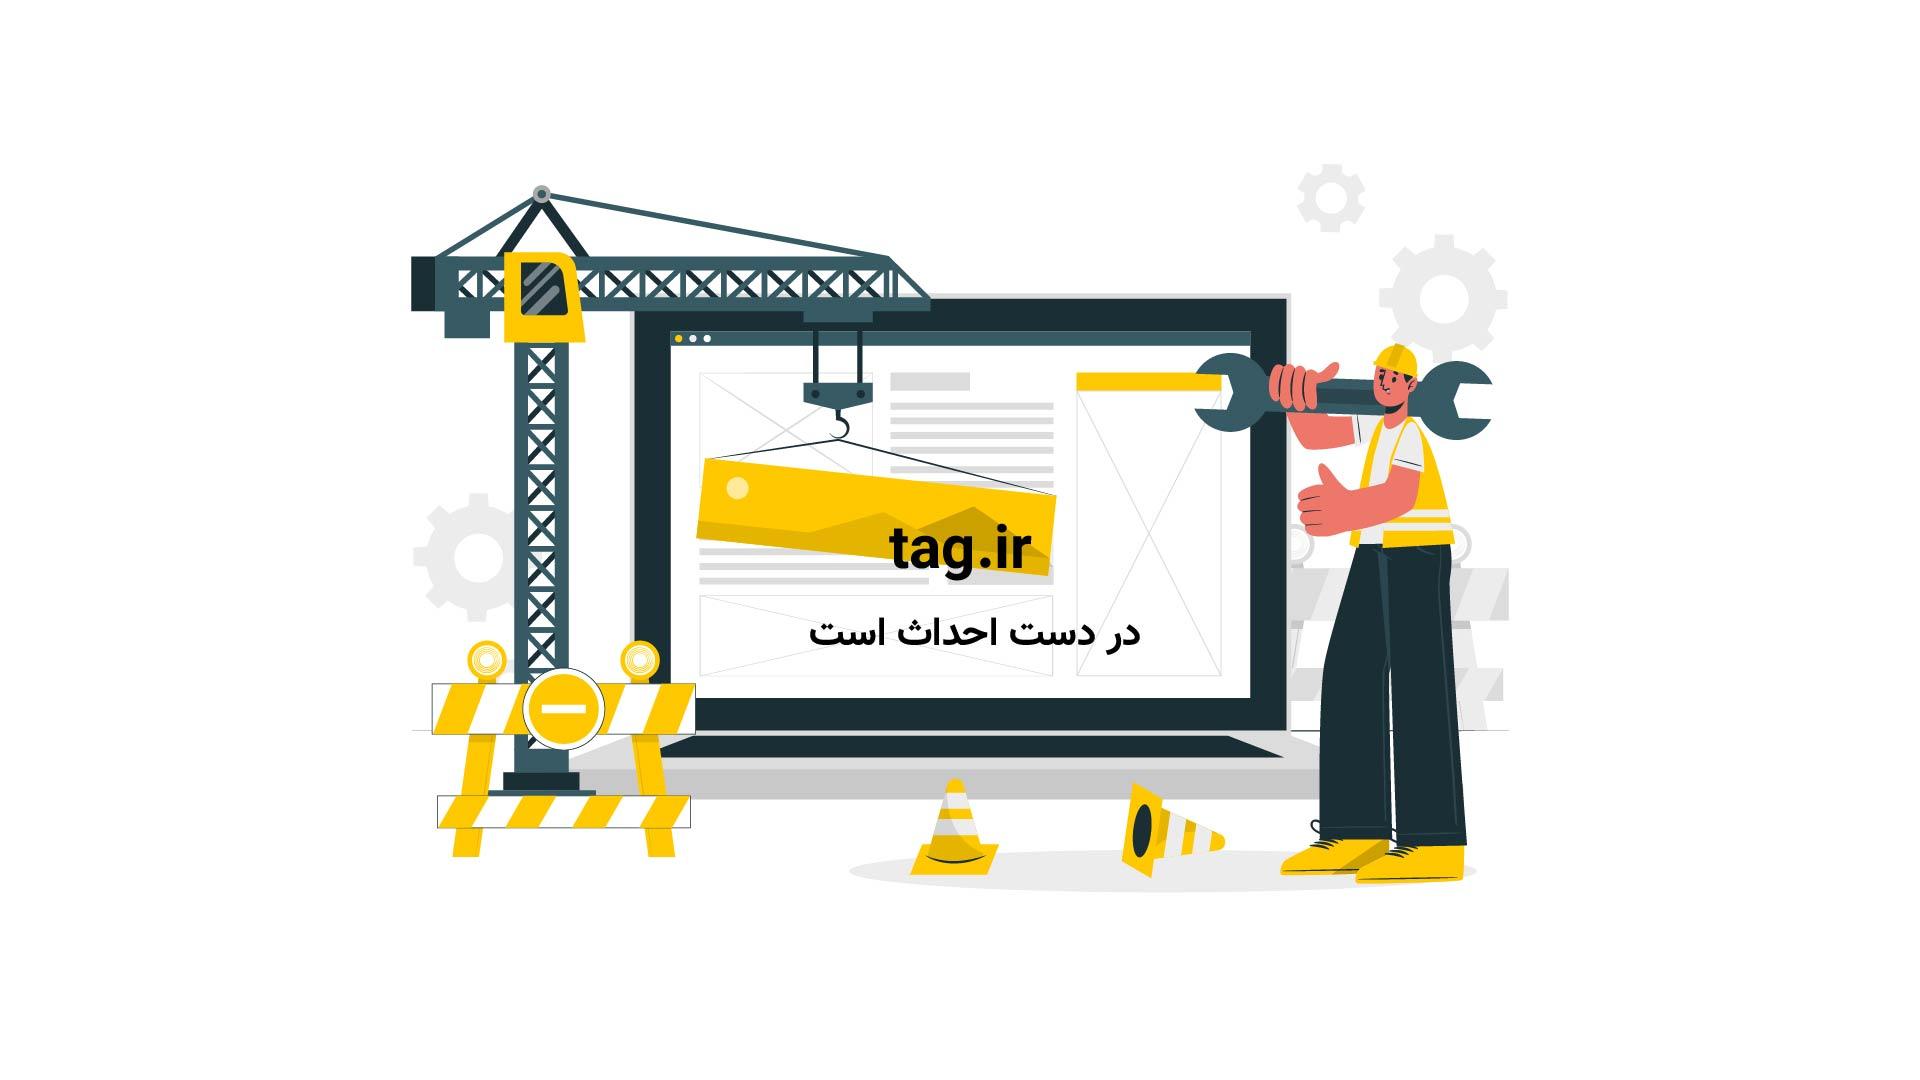 آموزش کاشت چند گیاه در خانه | فیلم